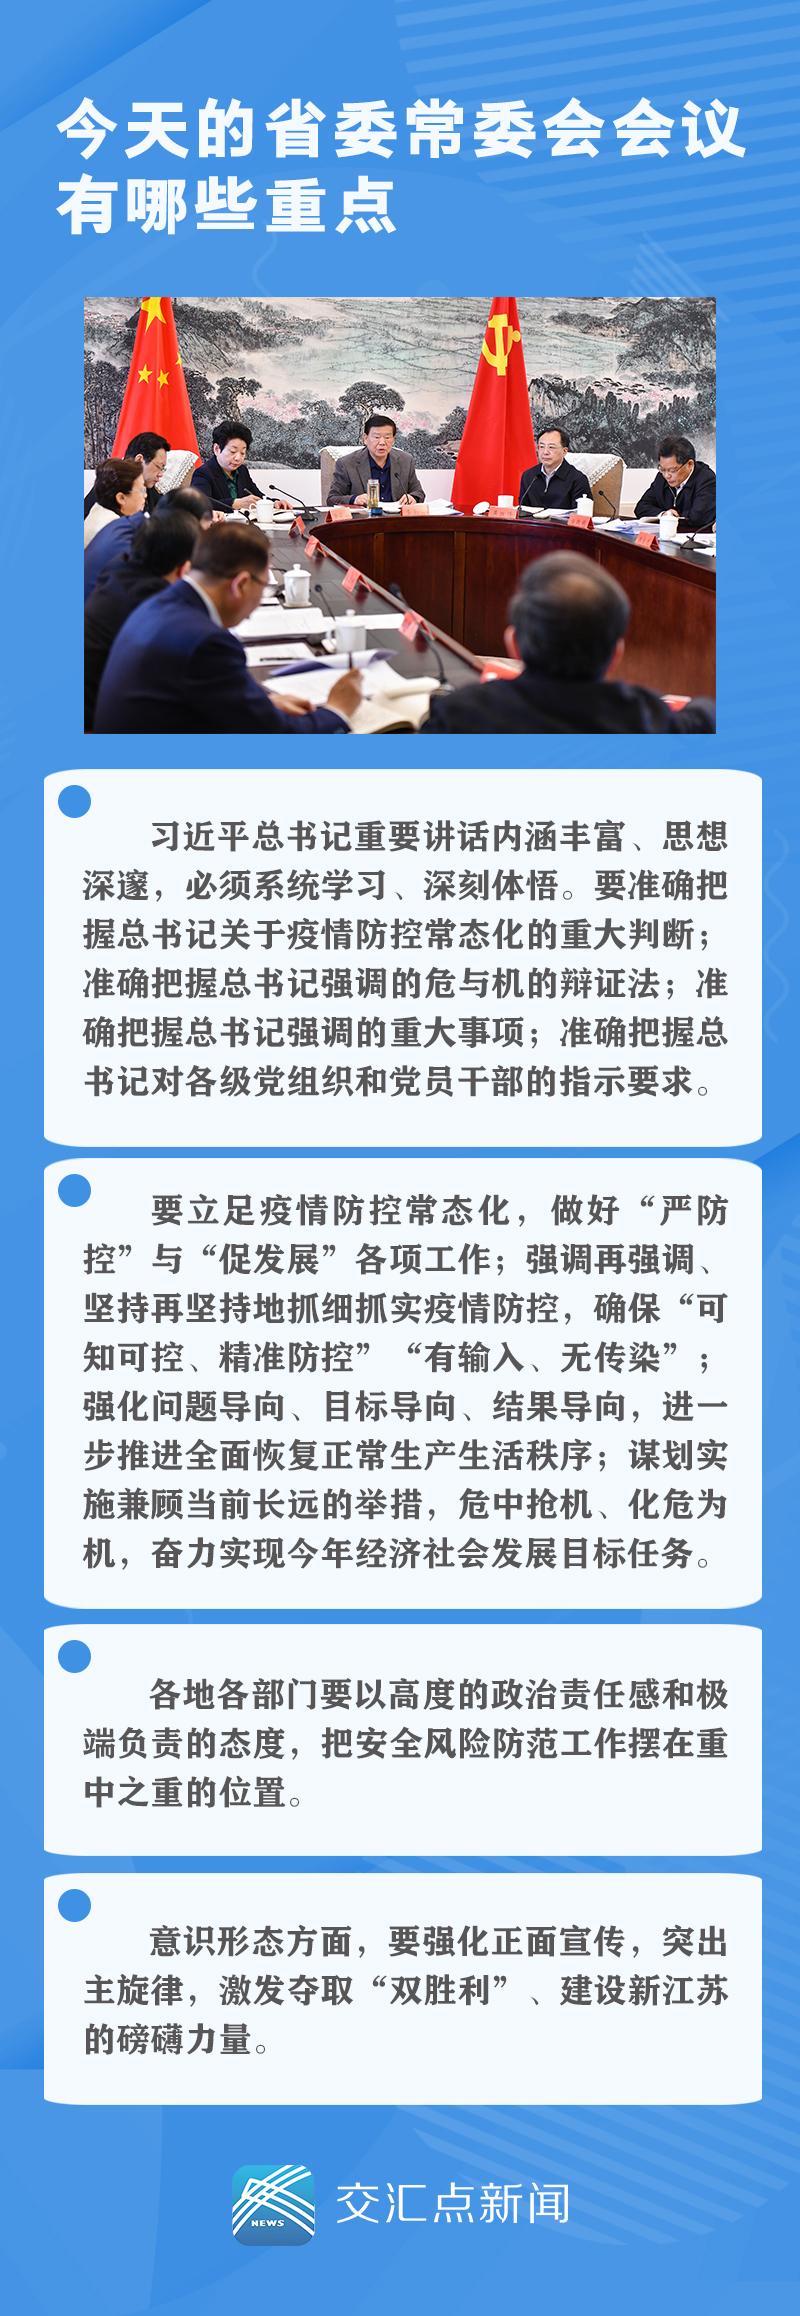 http://www.nthuaimage.com/qichexiaofei/48248.html